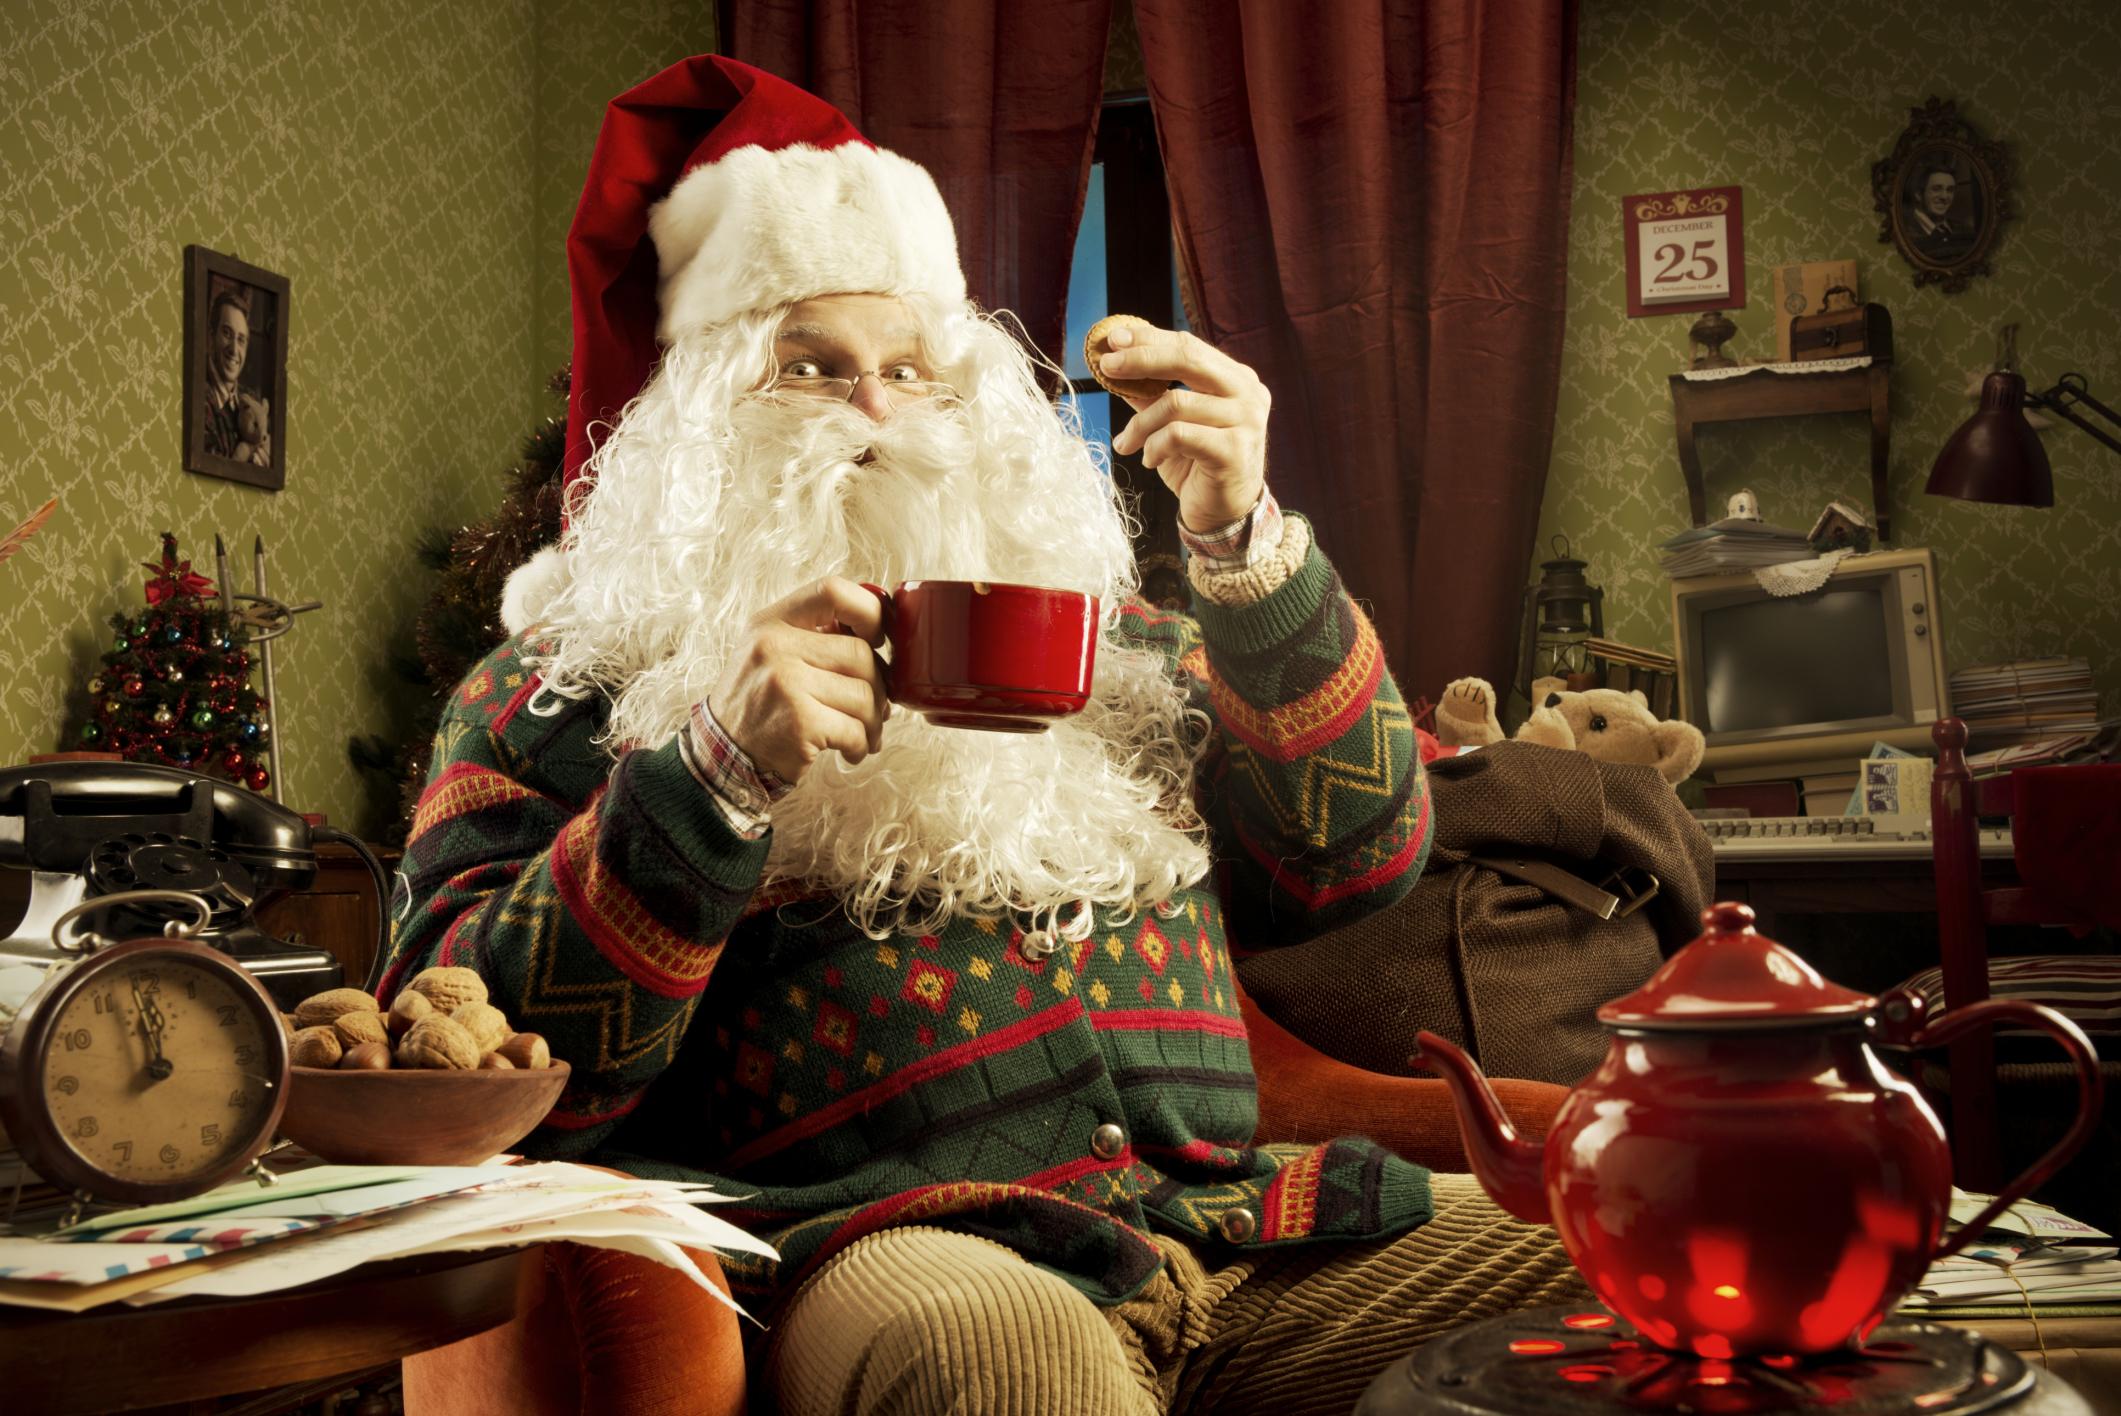 Babbo Natale In Casa.A Castel Castagna La Casa Di Babbo Natale La Dolce Vita Magazine